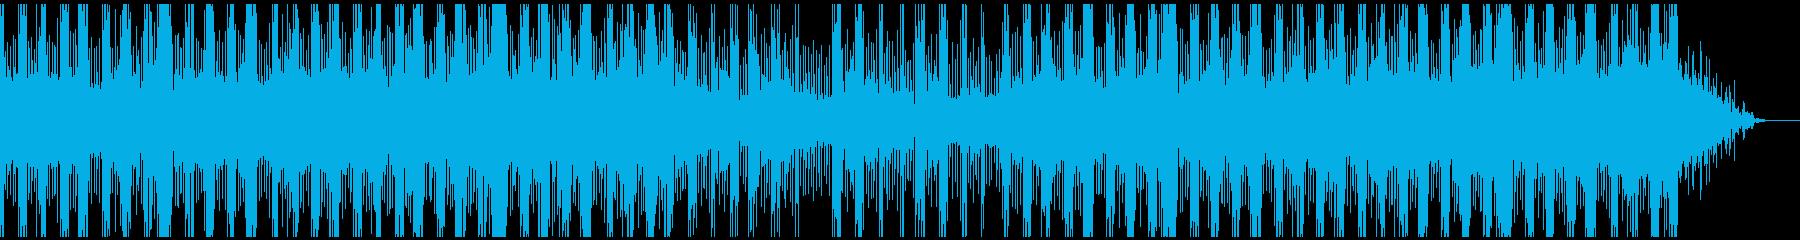 疑惑(疑い)・捜索のシリアスなシーンにの再生済みの波形